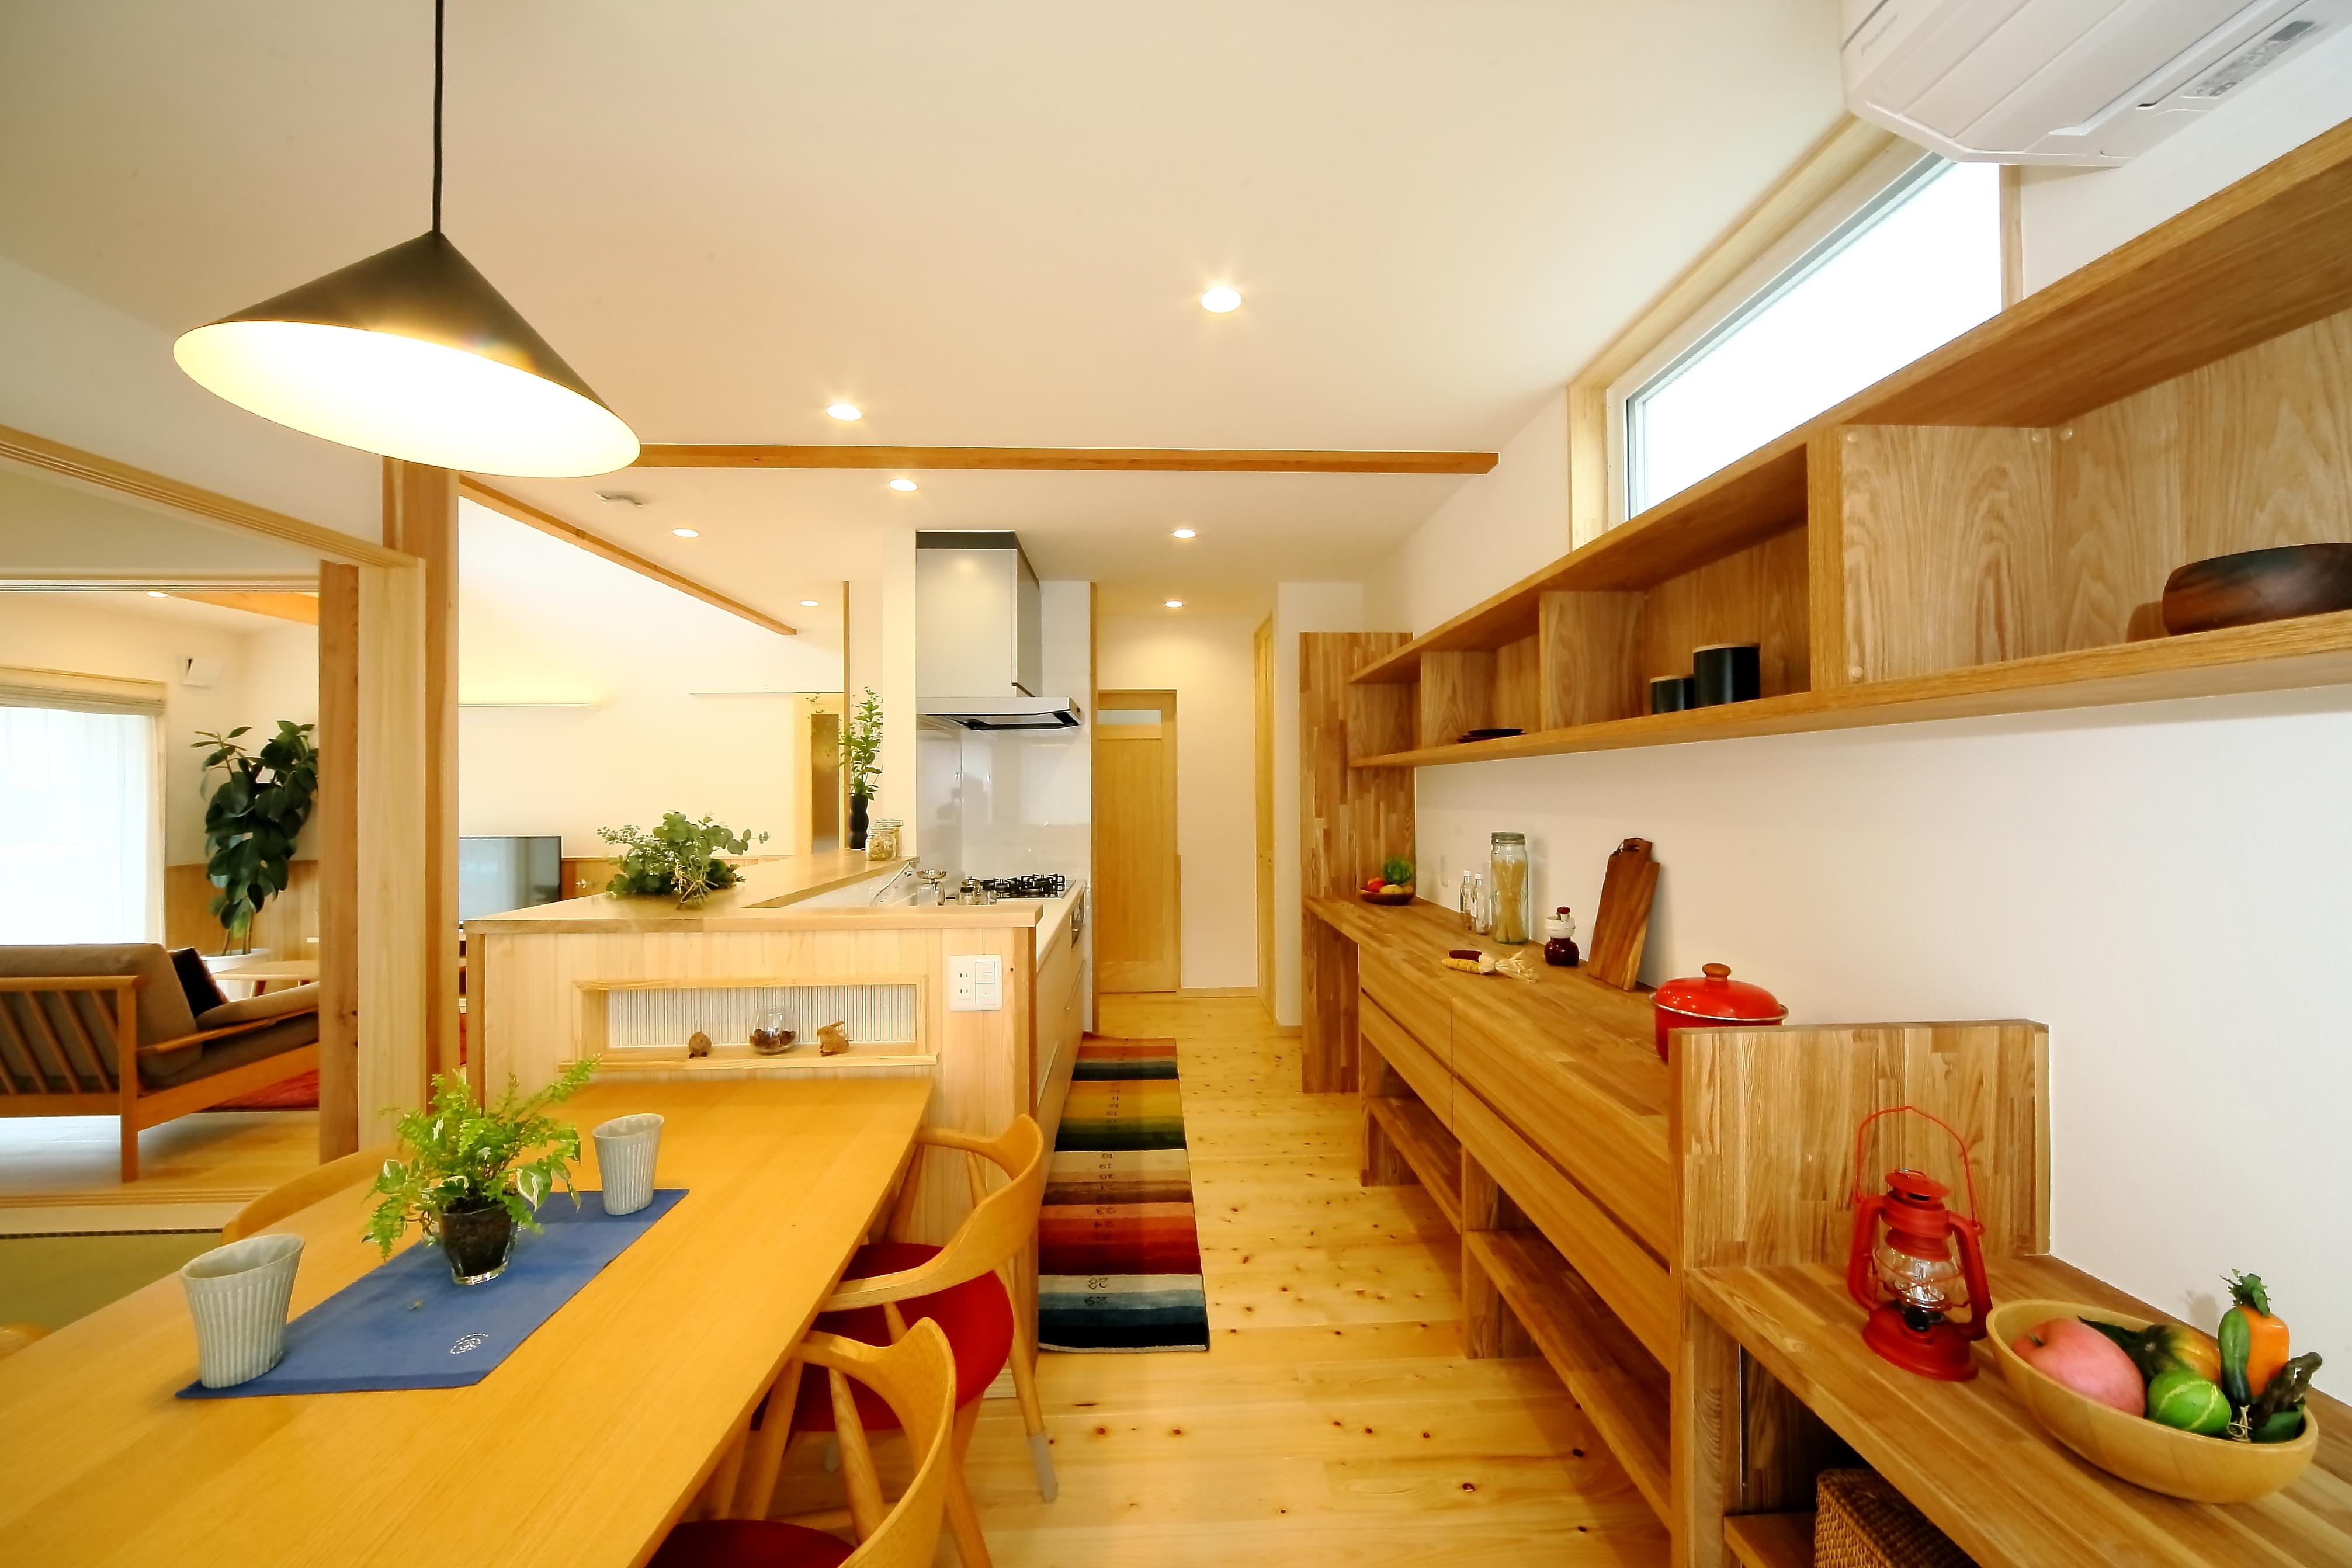 エコフィールド【収納力、省エネ、間取り】吹き抜けリビング~ダイニング~キッチン~和室がつながる広々とした空間。キッチンを拠点とした回遊動線が、毎日の家事時間を短縮